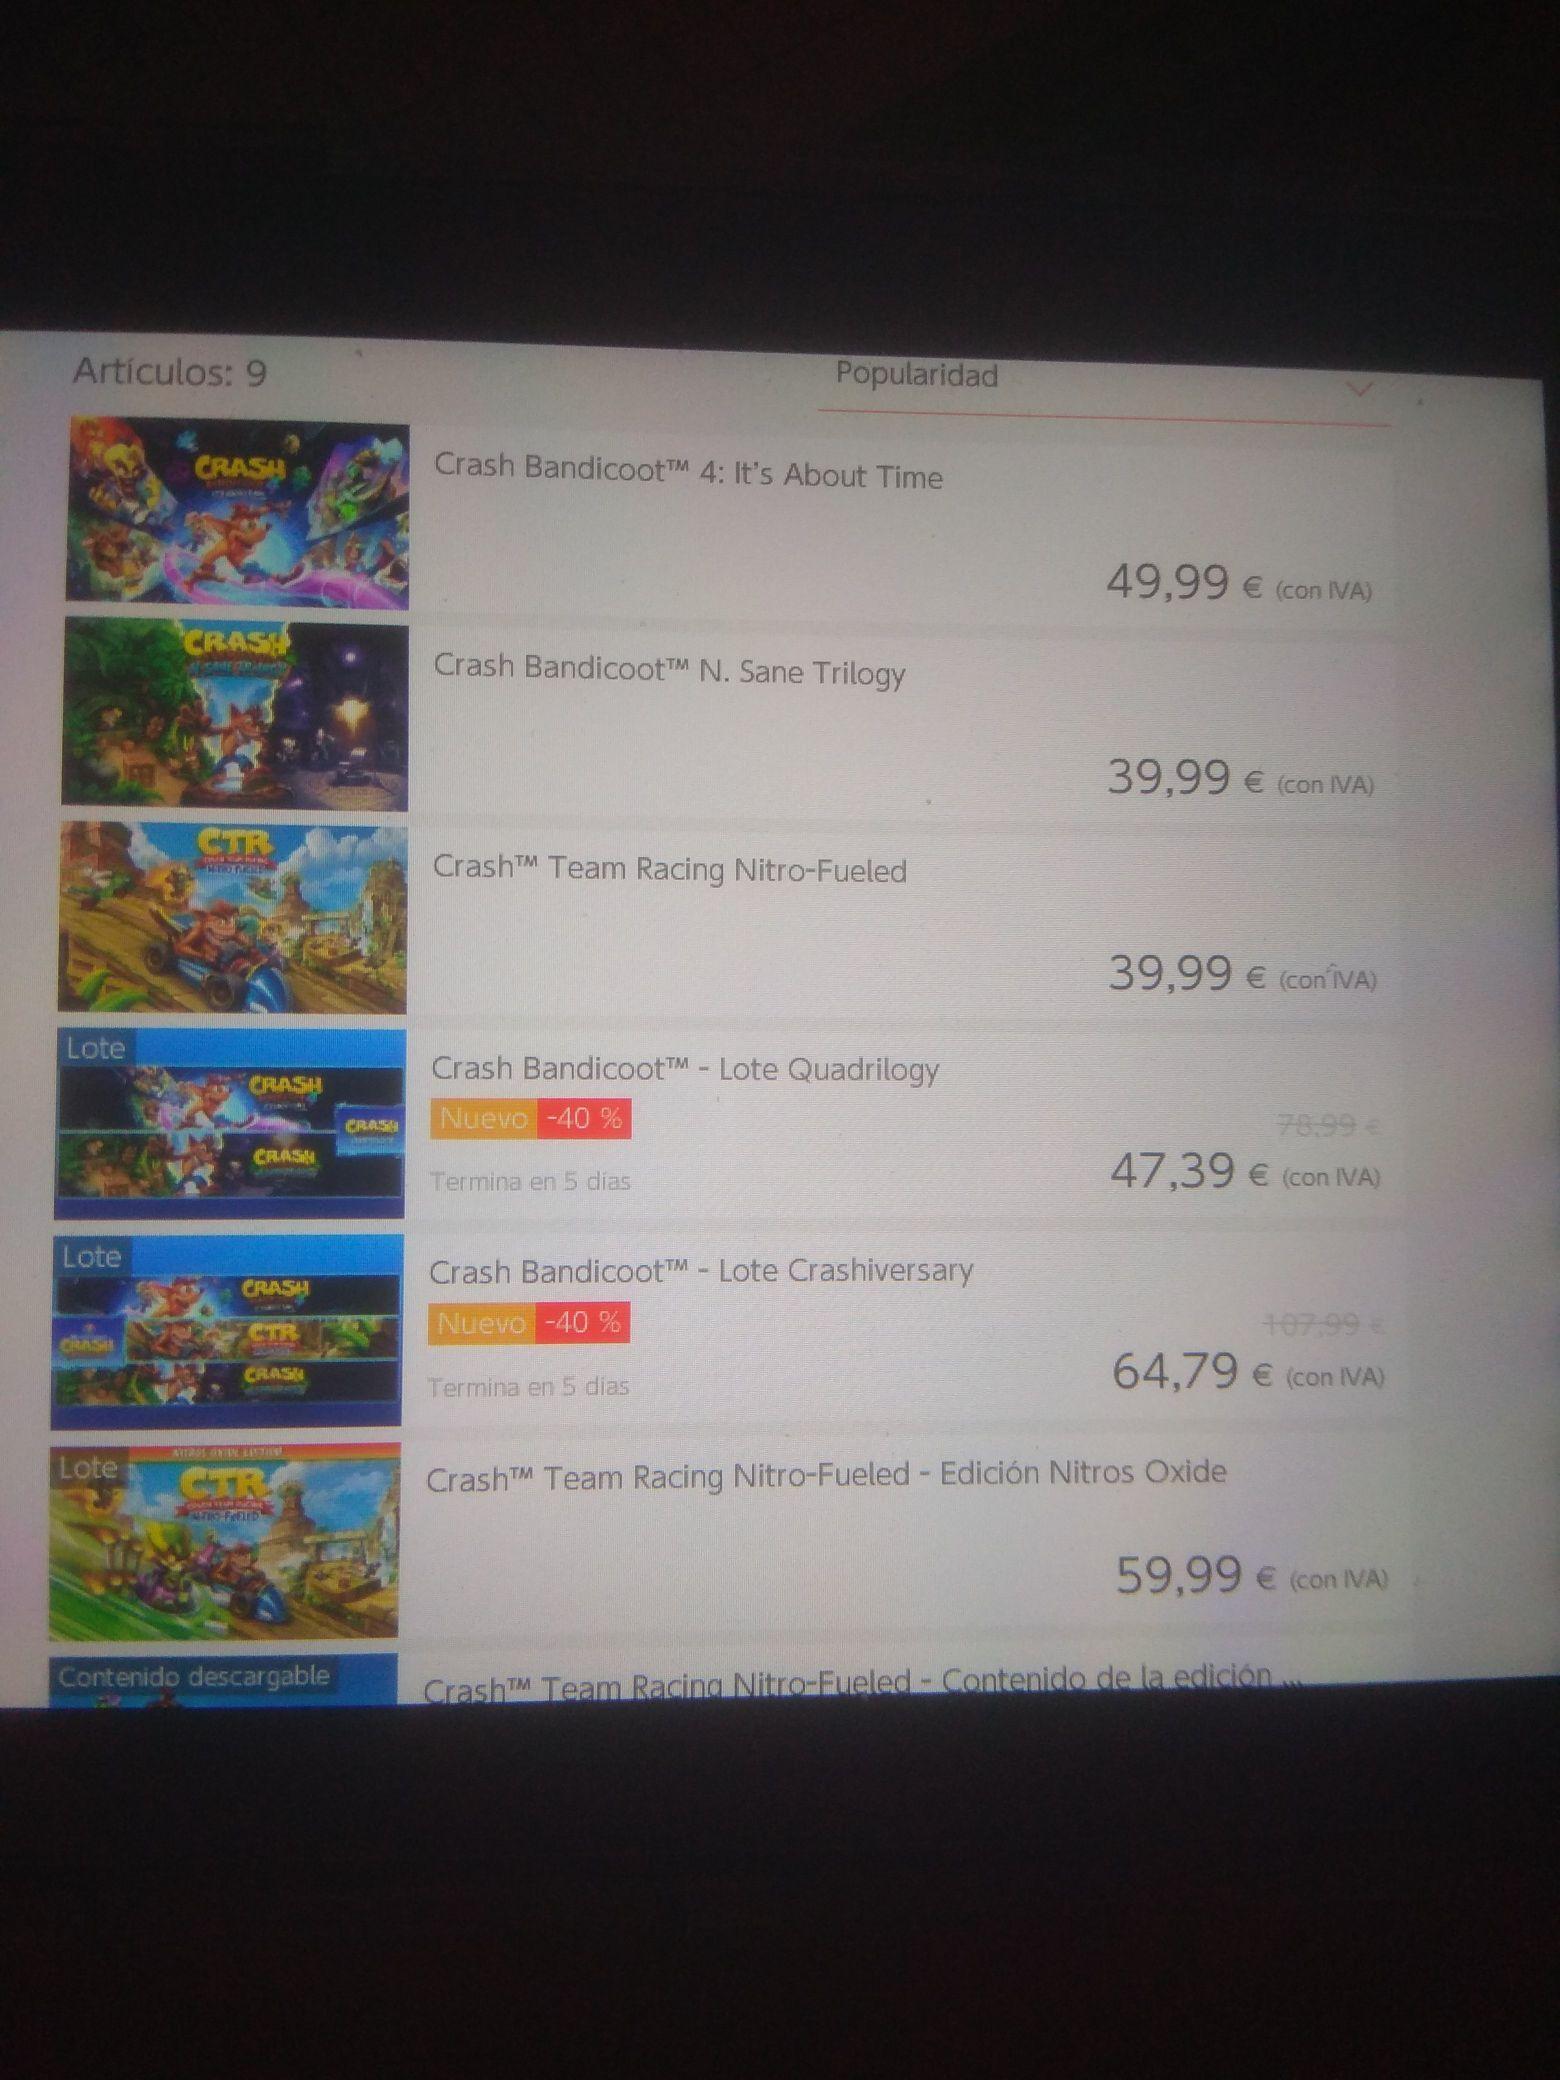 Lote de Crash Bandicoot descuento 40 % - Nintendo Switch eShop